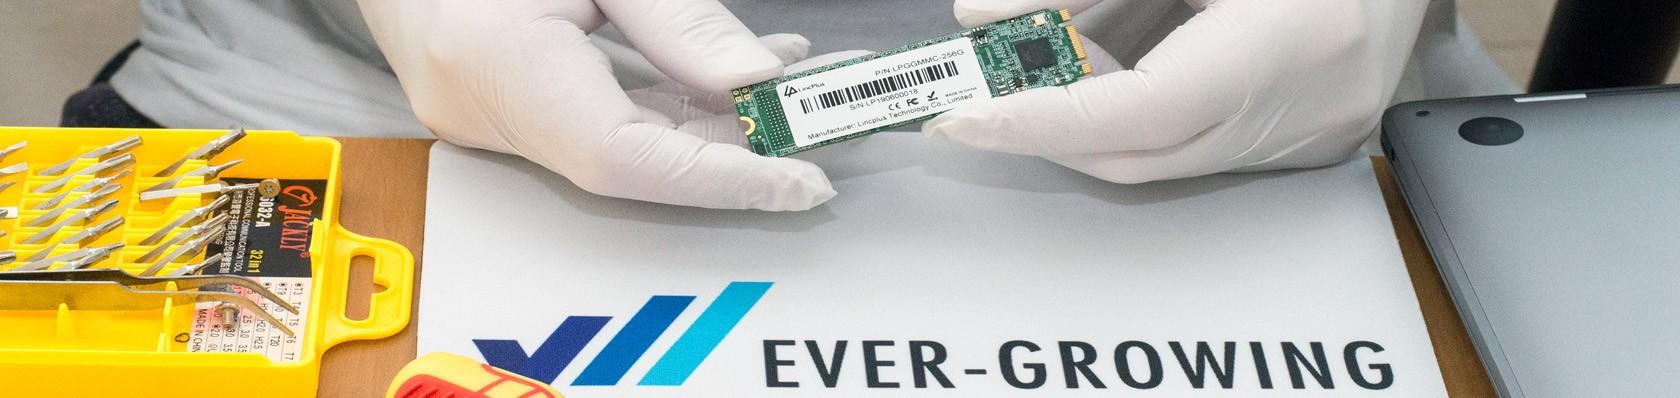 SSDs im Test auf ExpertenTesten.de